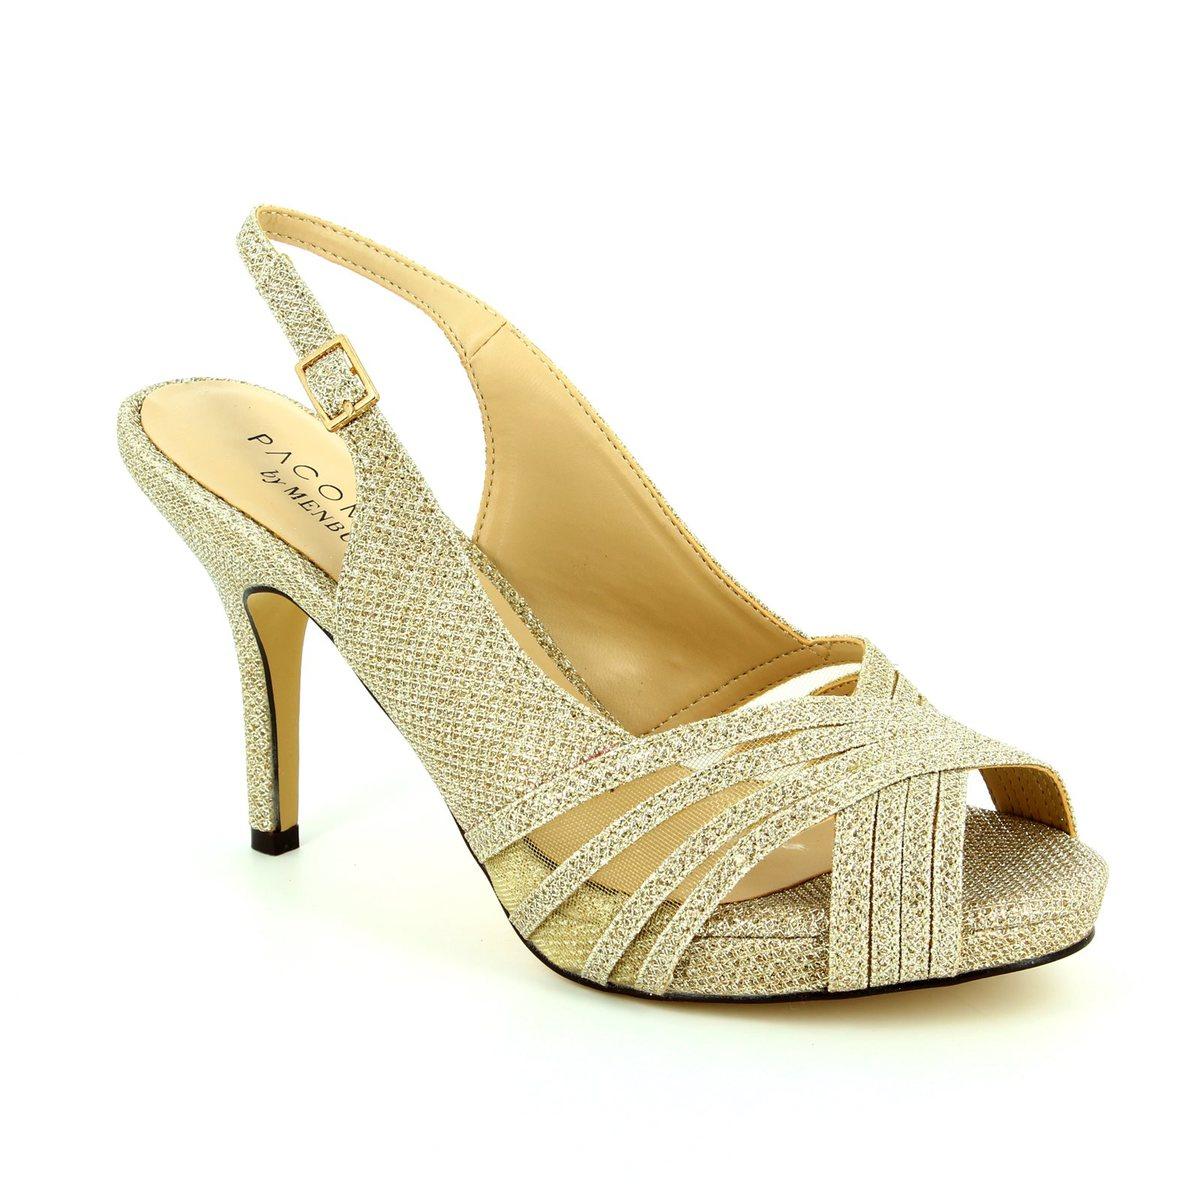 0a951d7898a22 Menbur High-heeled Shoes - Stone - 07538 87 SINGAPUR